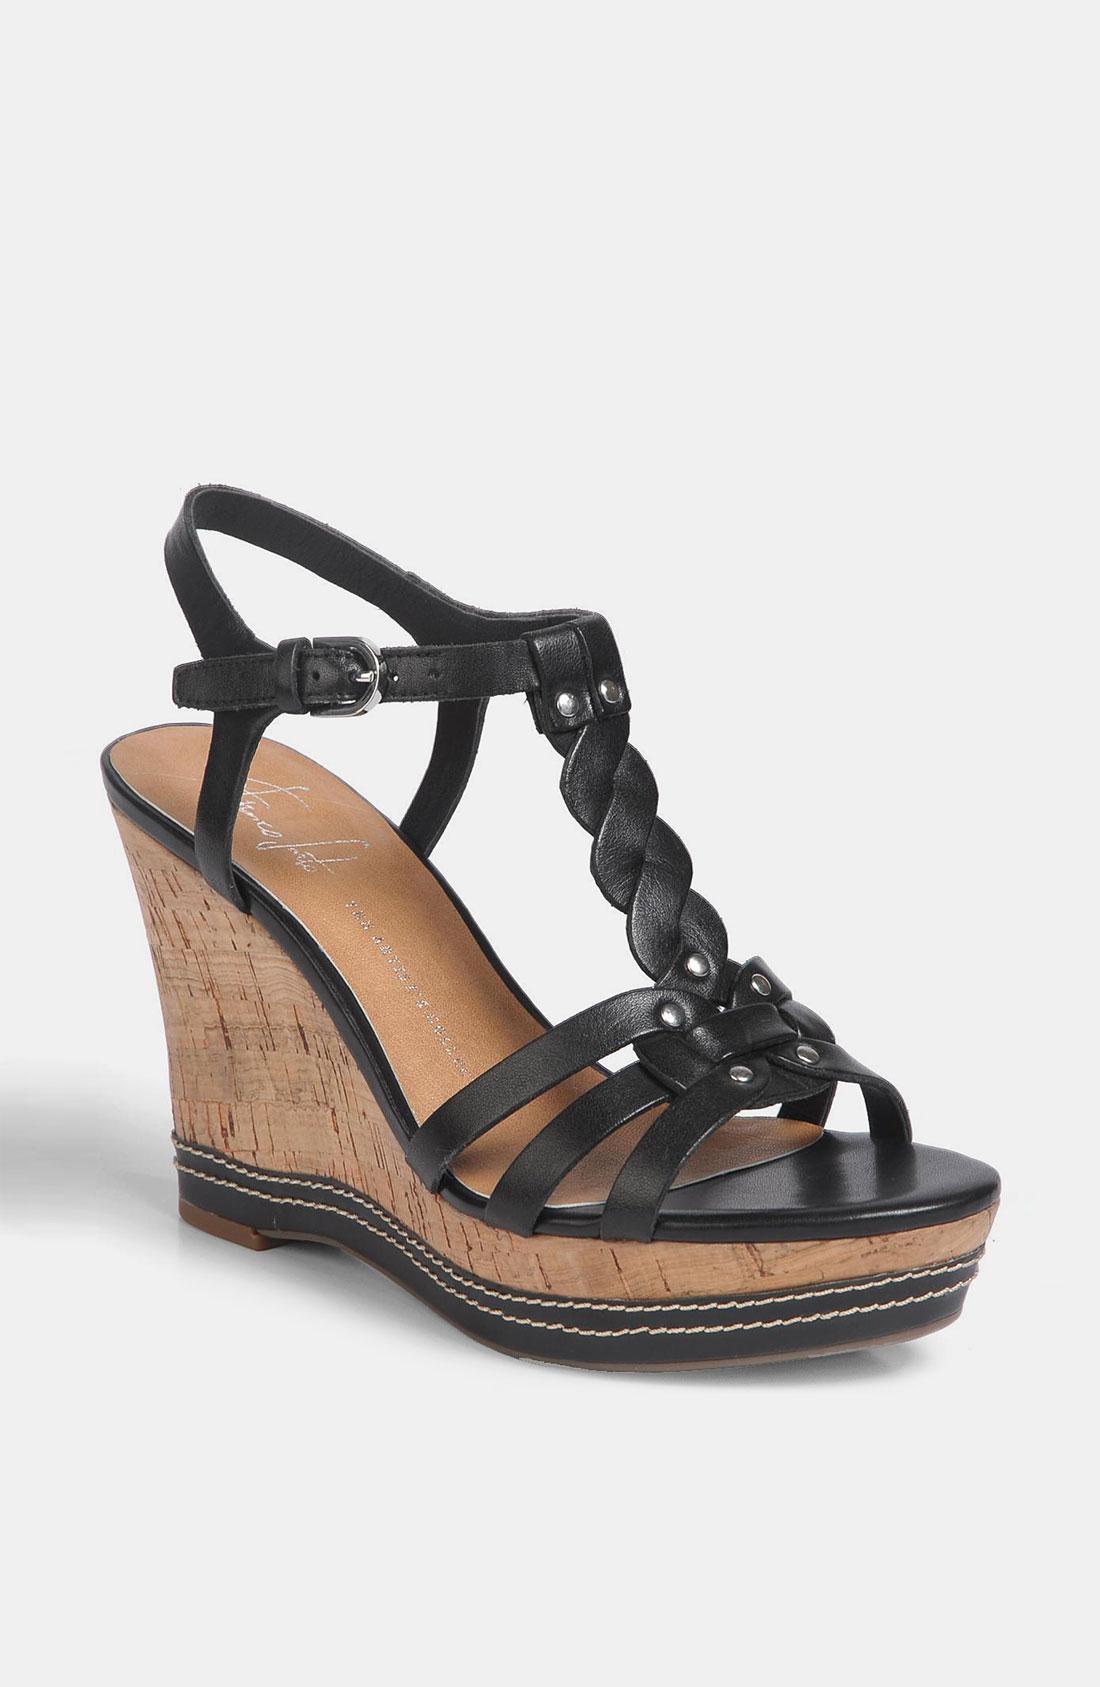 Franco Sarto Shoe Sizing